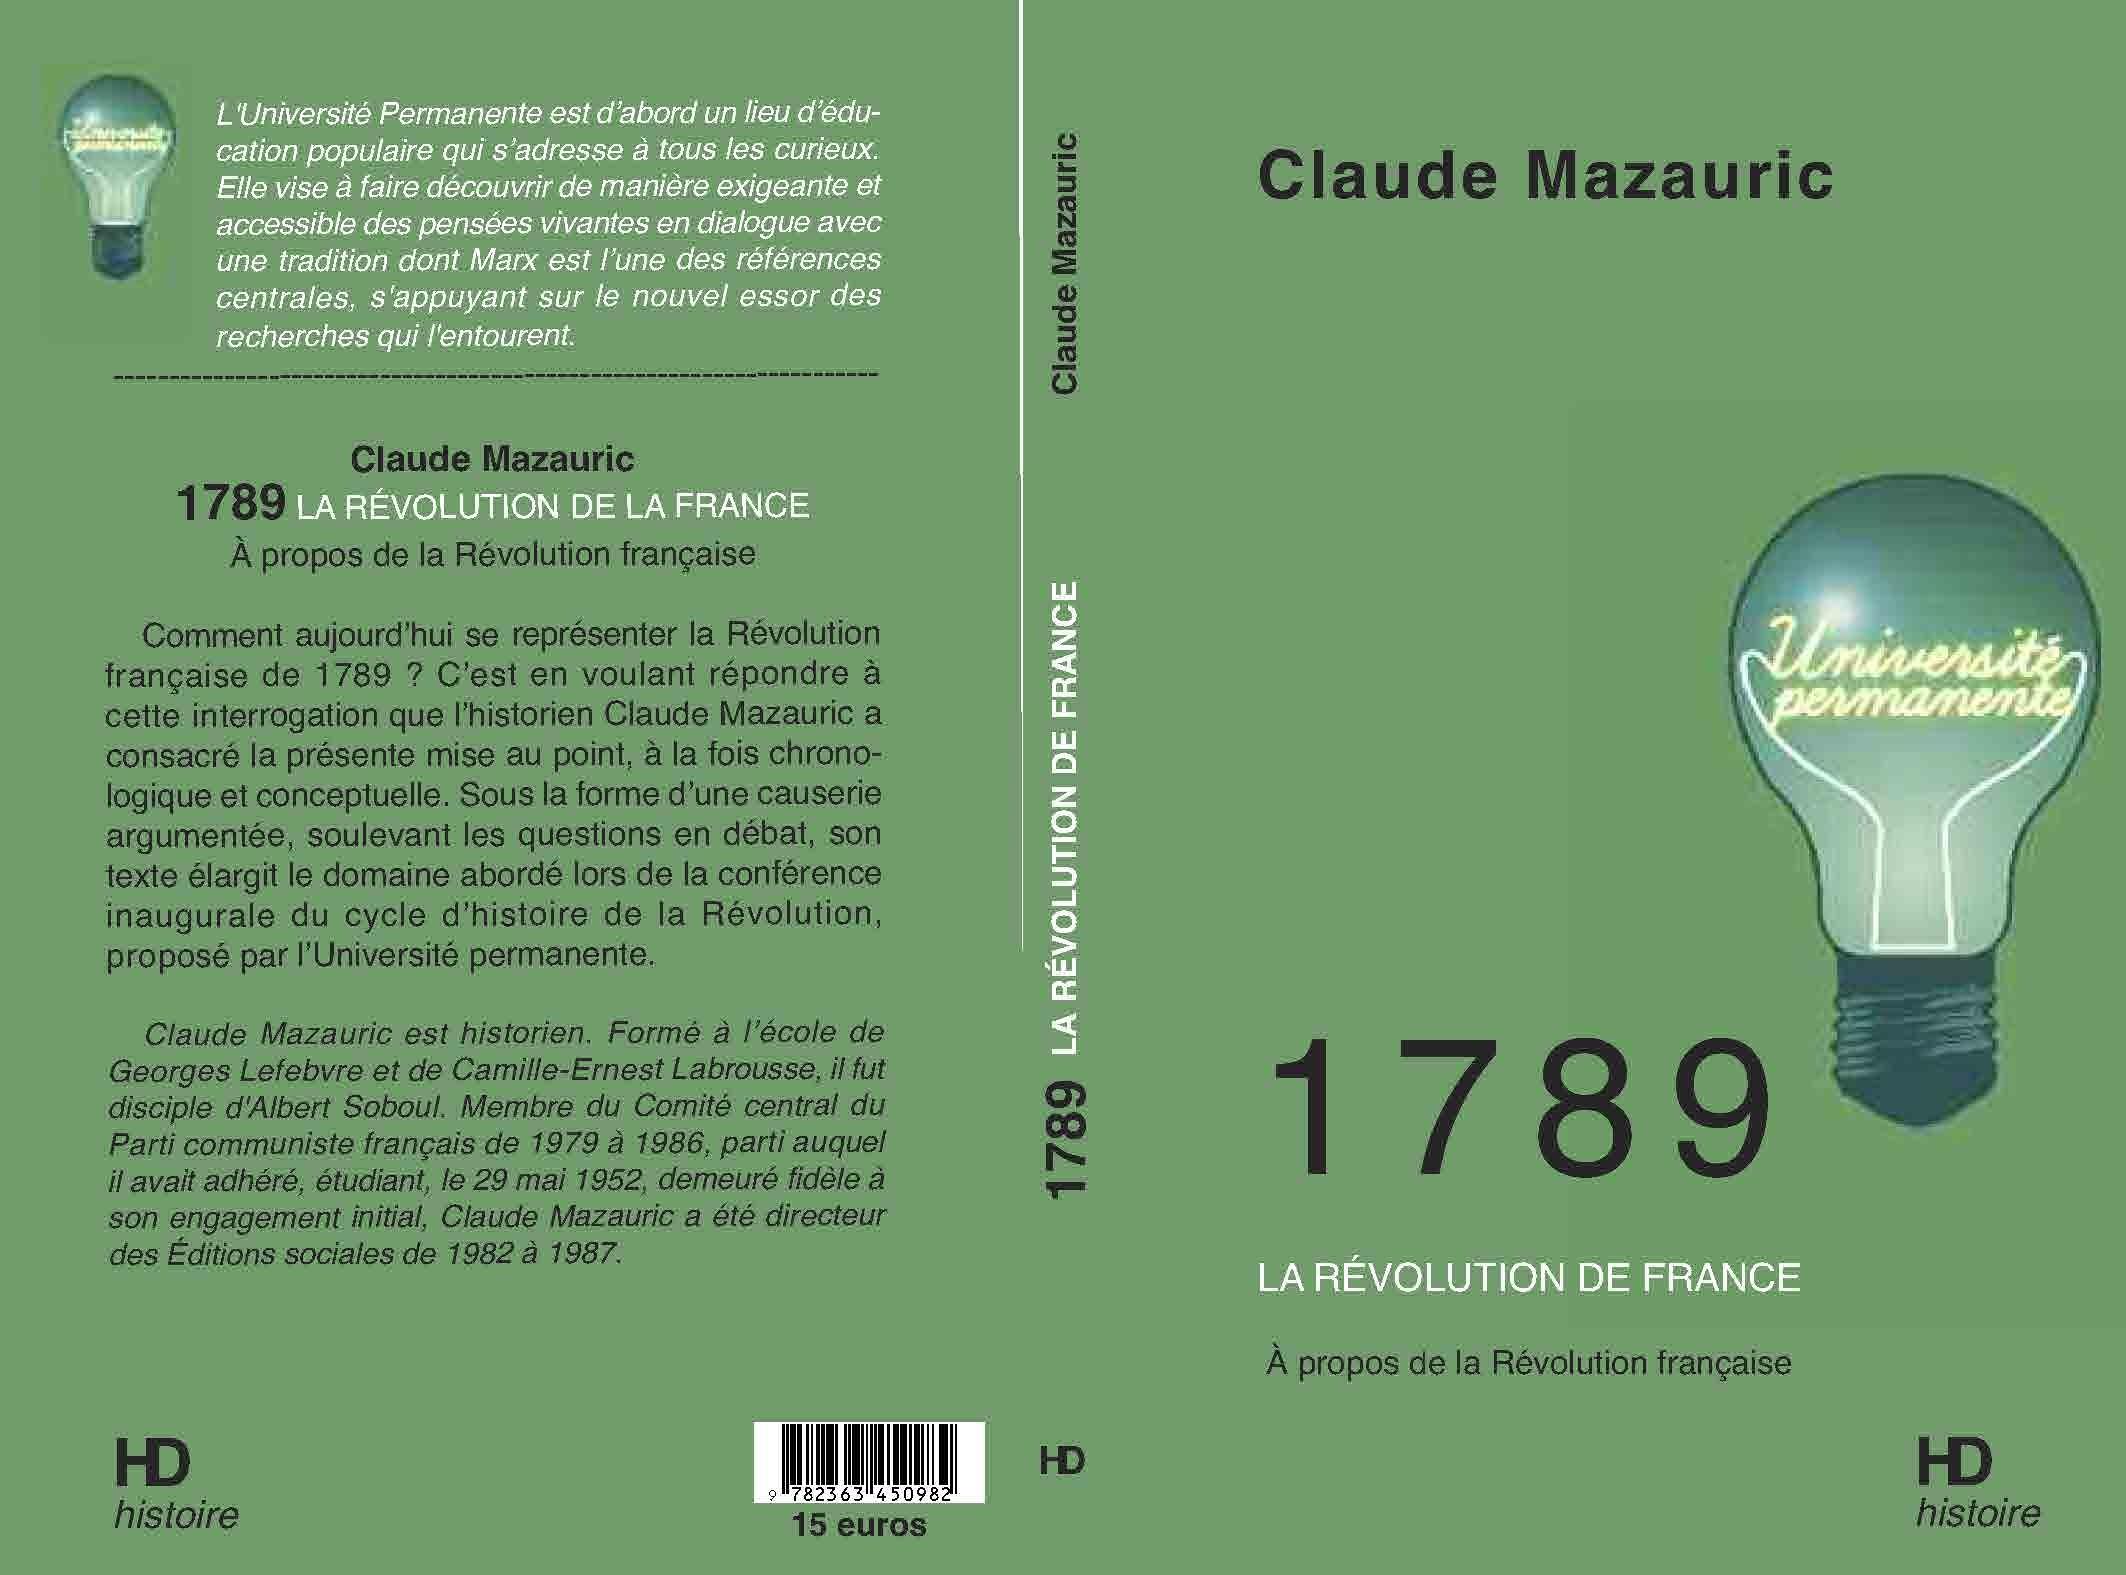 1789 LA REVOLUTION DE FRANCE - A PROPOS DE LA REVOLUTION FRANCAISE